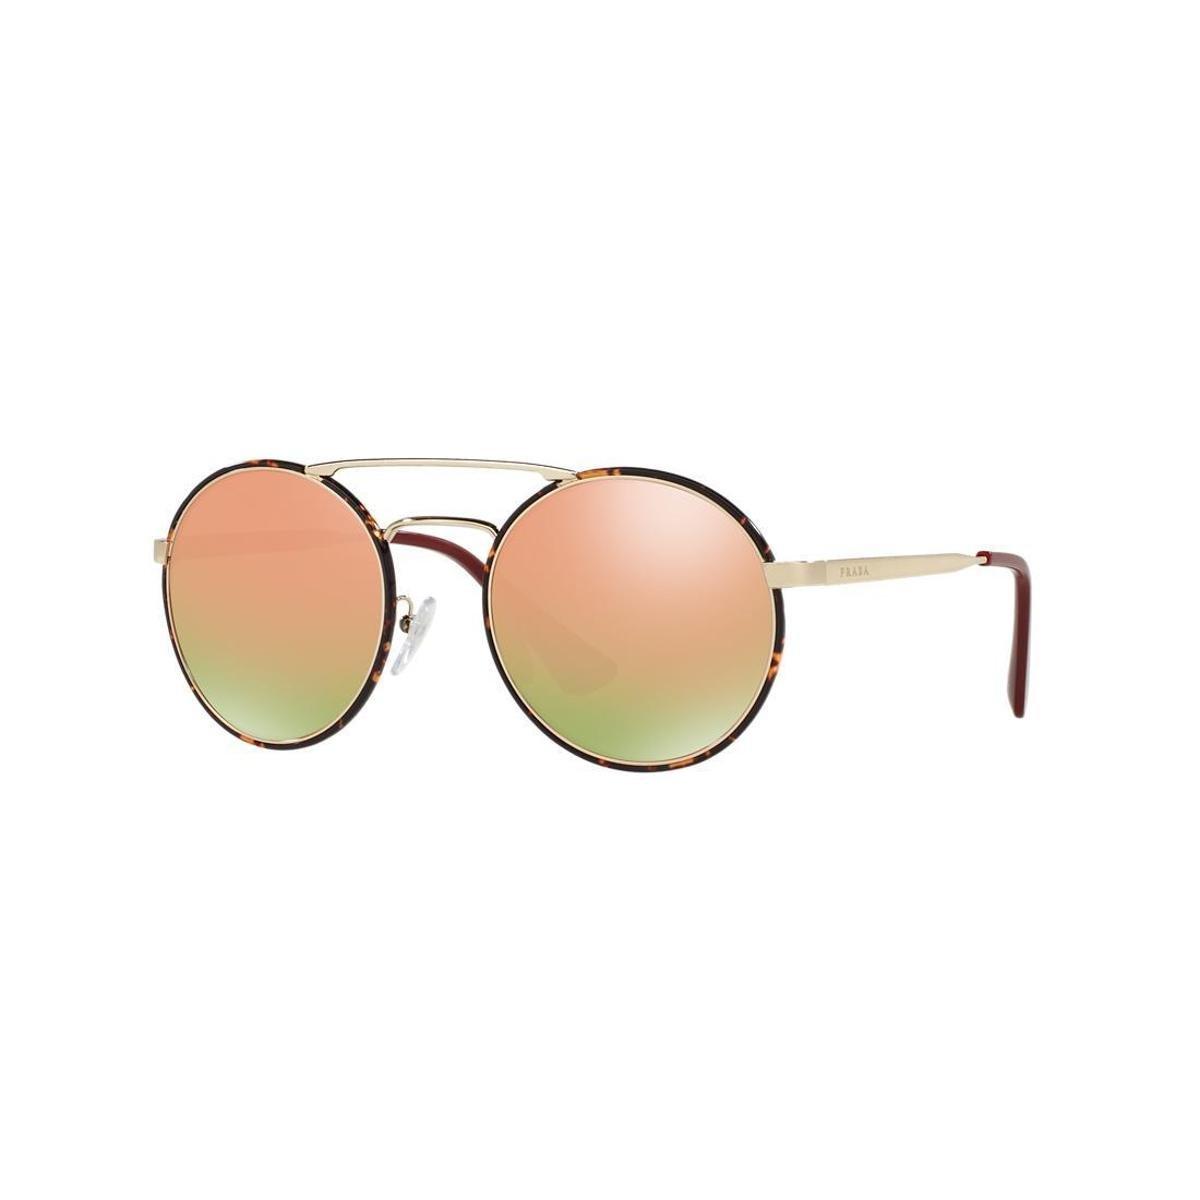 Óculos de Sol Prada PR 51SS - Marrom - Compre Agora   Zattini 1a295dc701